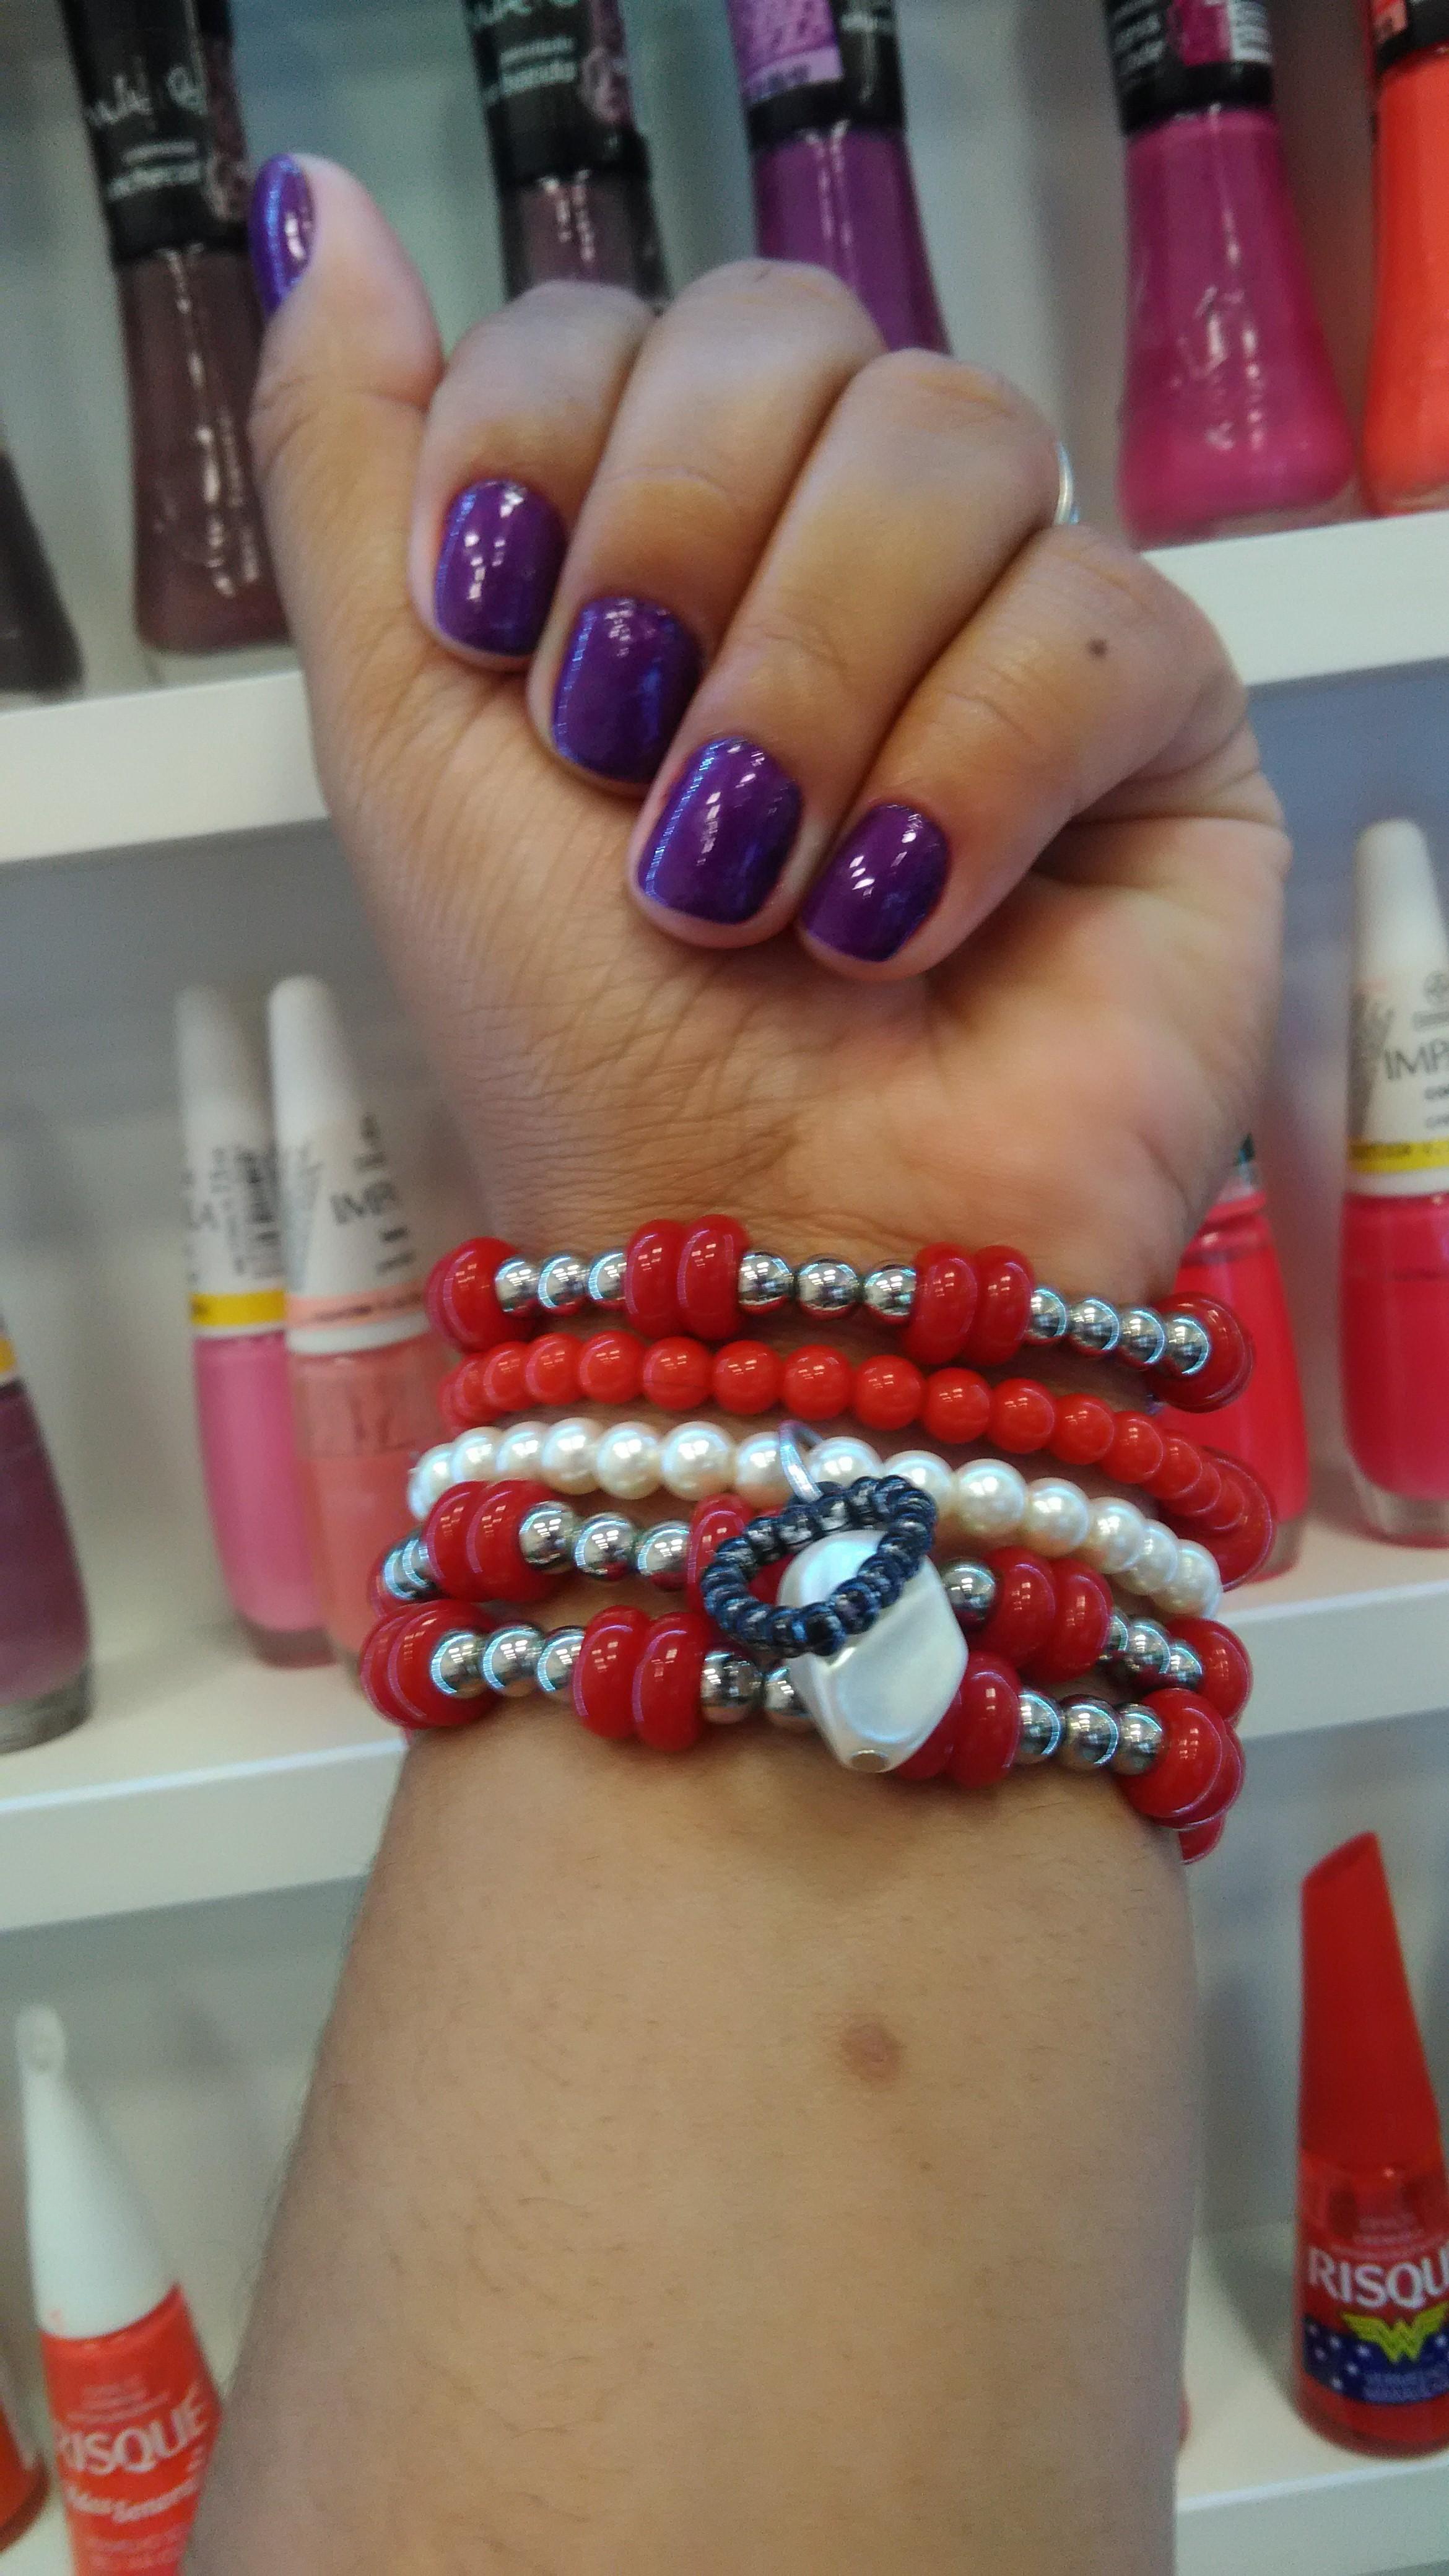 #unhas #manicurepedicure #loveunhas unha manicure e pedicure depilador(a) estudante (esteticista)